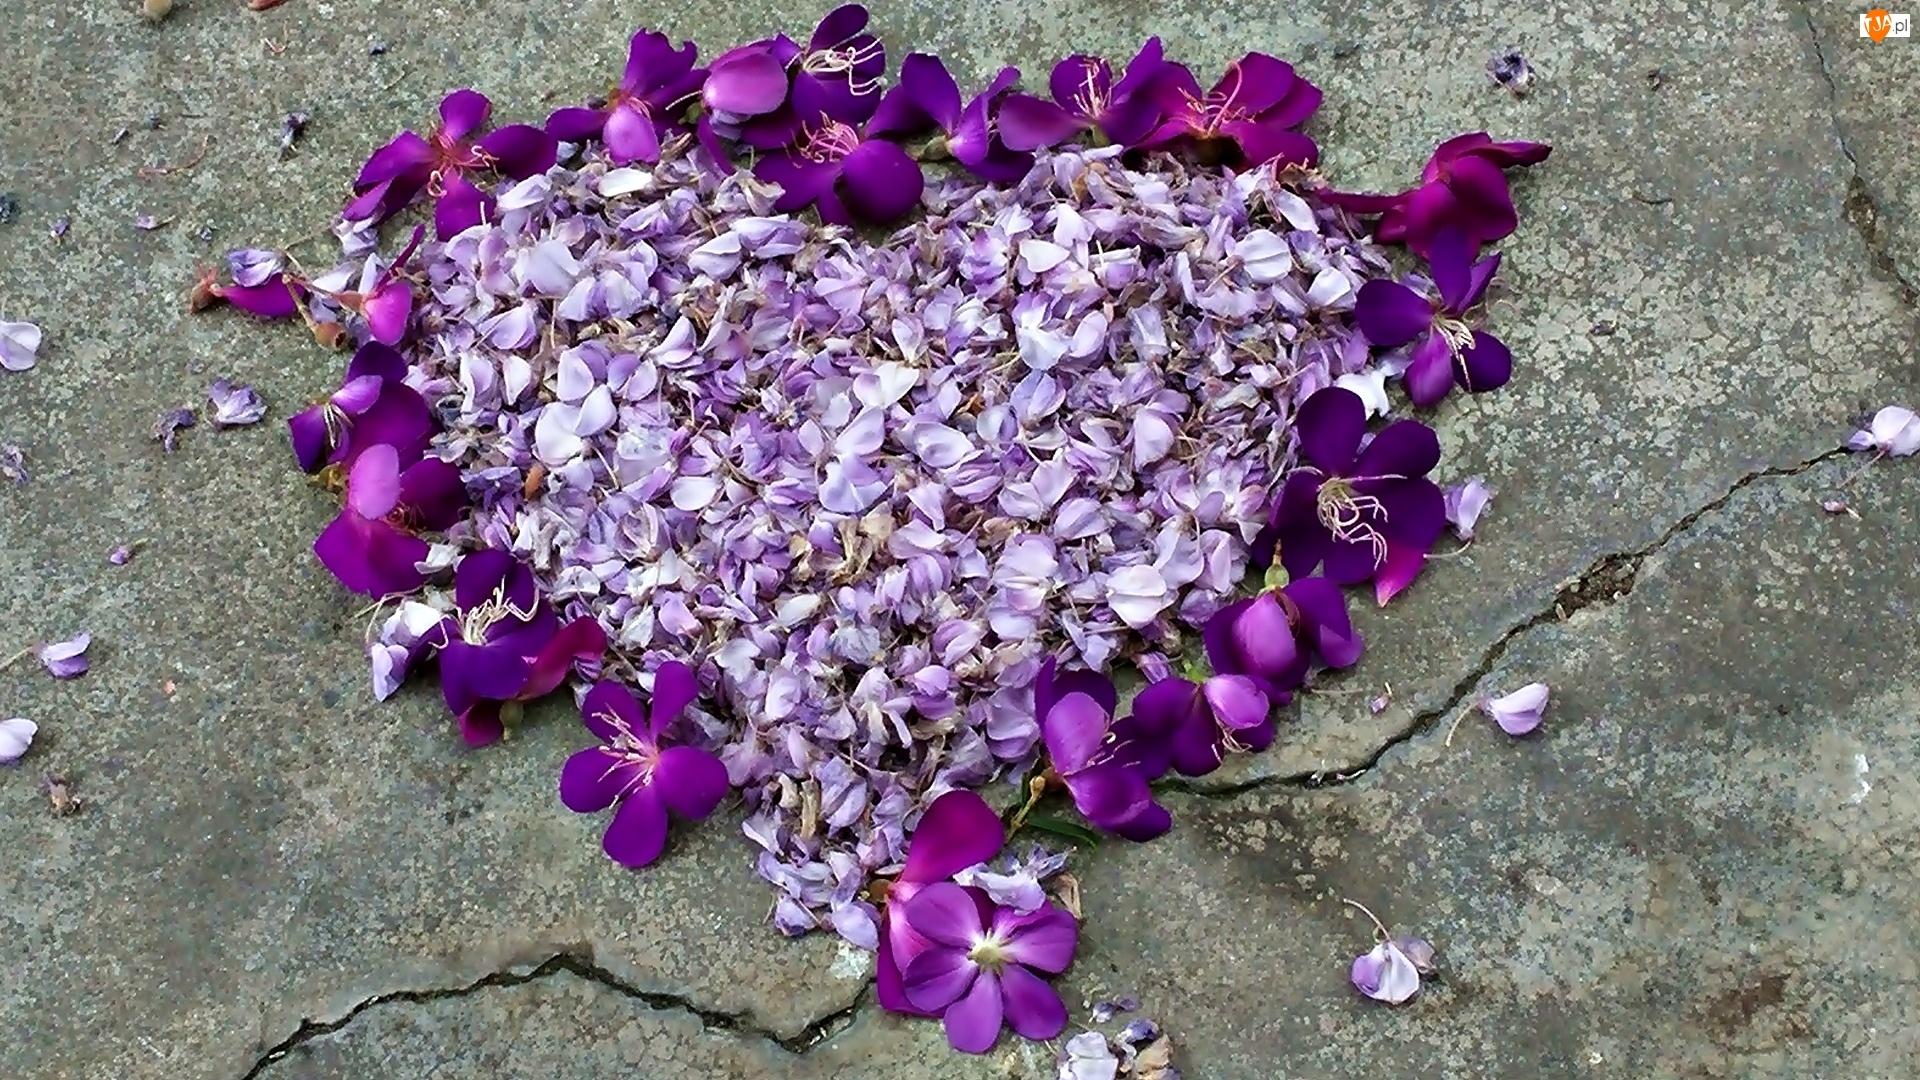 Miłość, Walentynki, Kwiaty, Fioletowe, Serce